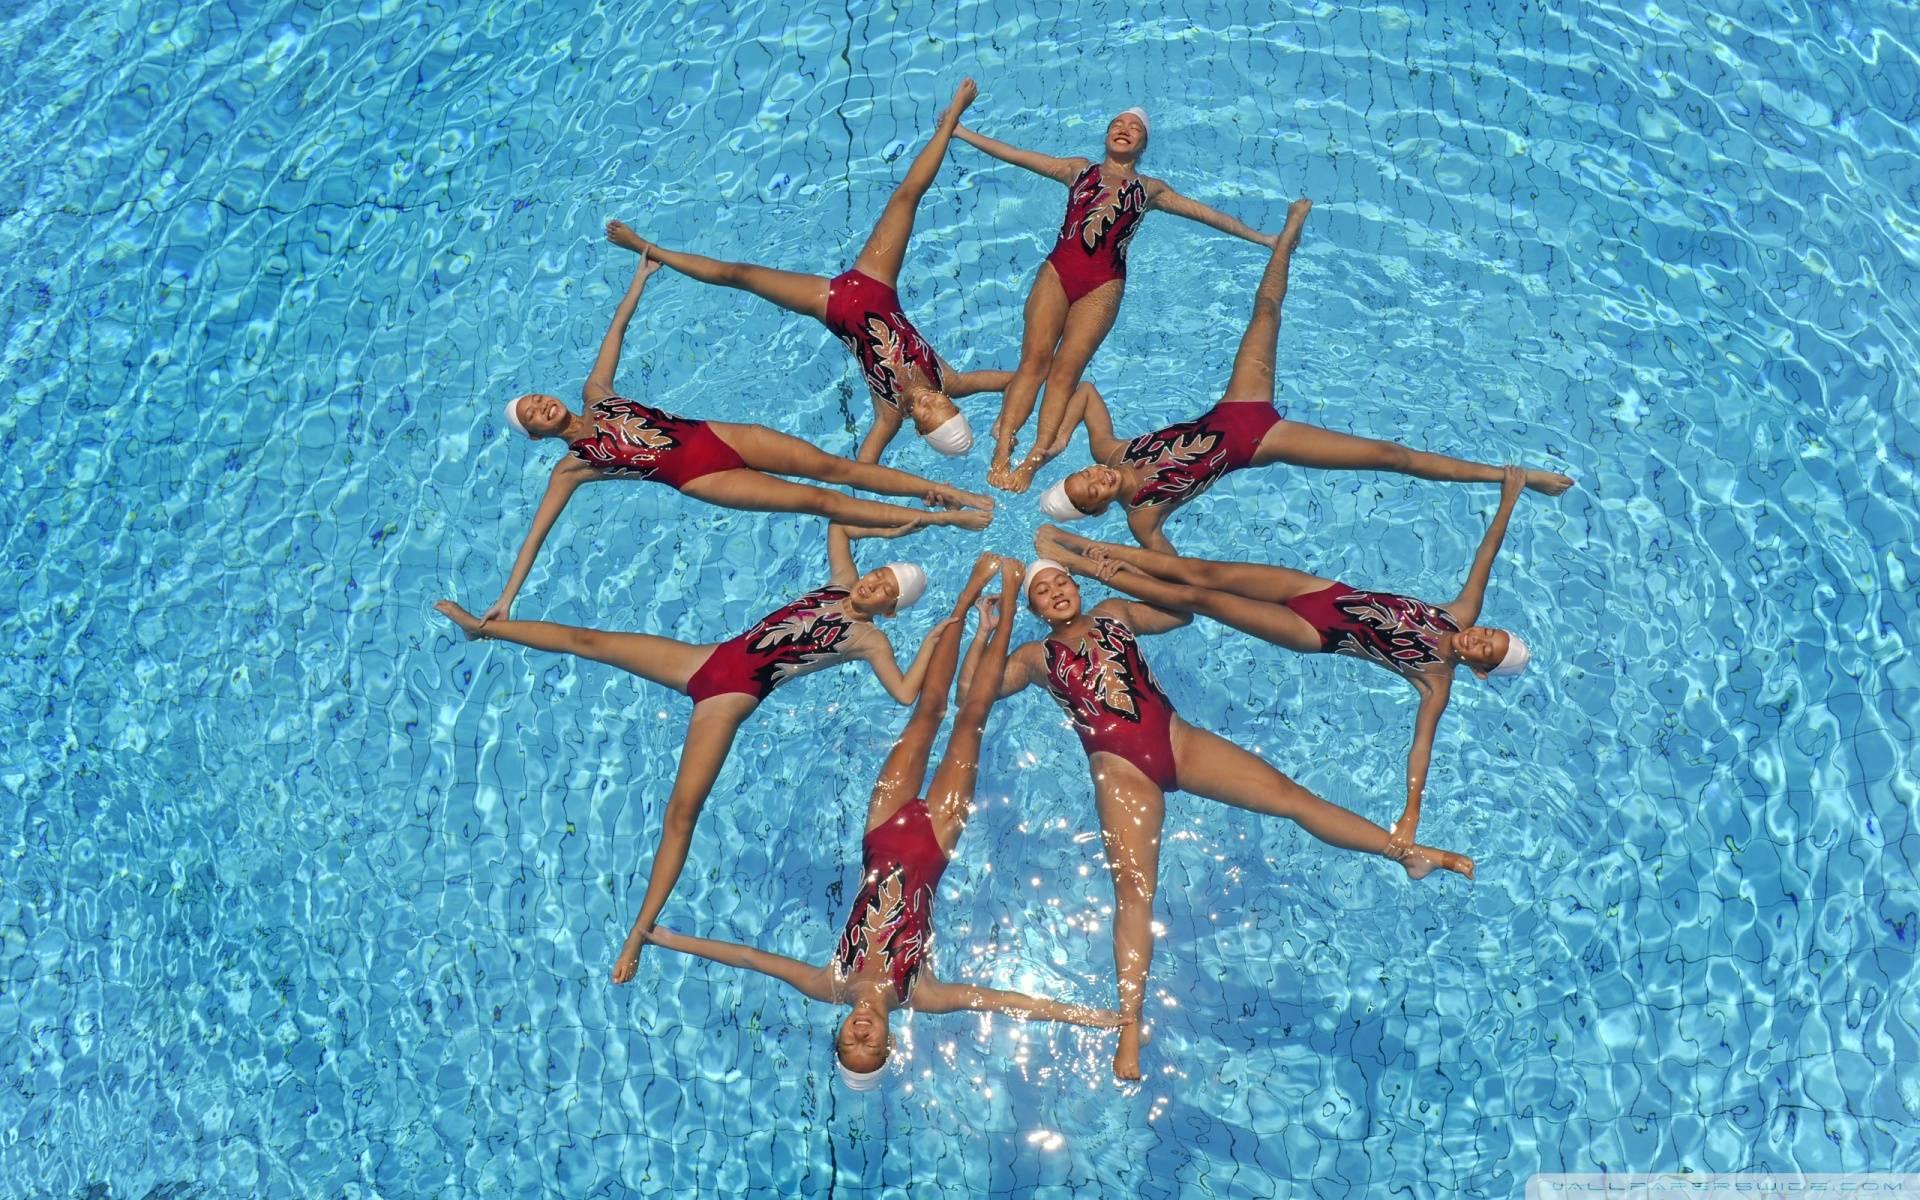 Resultado de imagen de natacion sincronizada  fotos hd